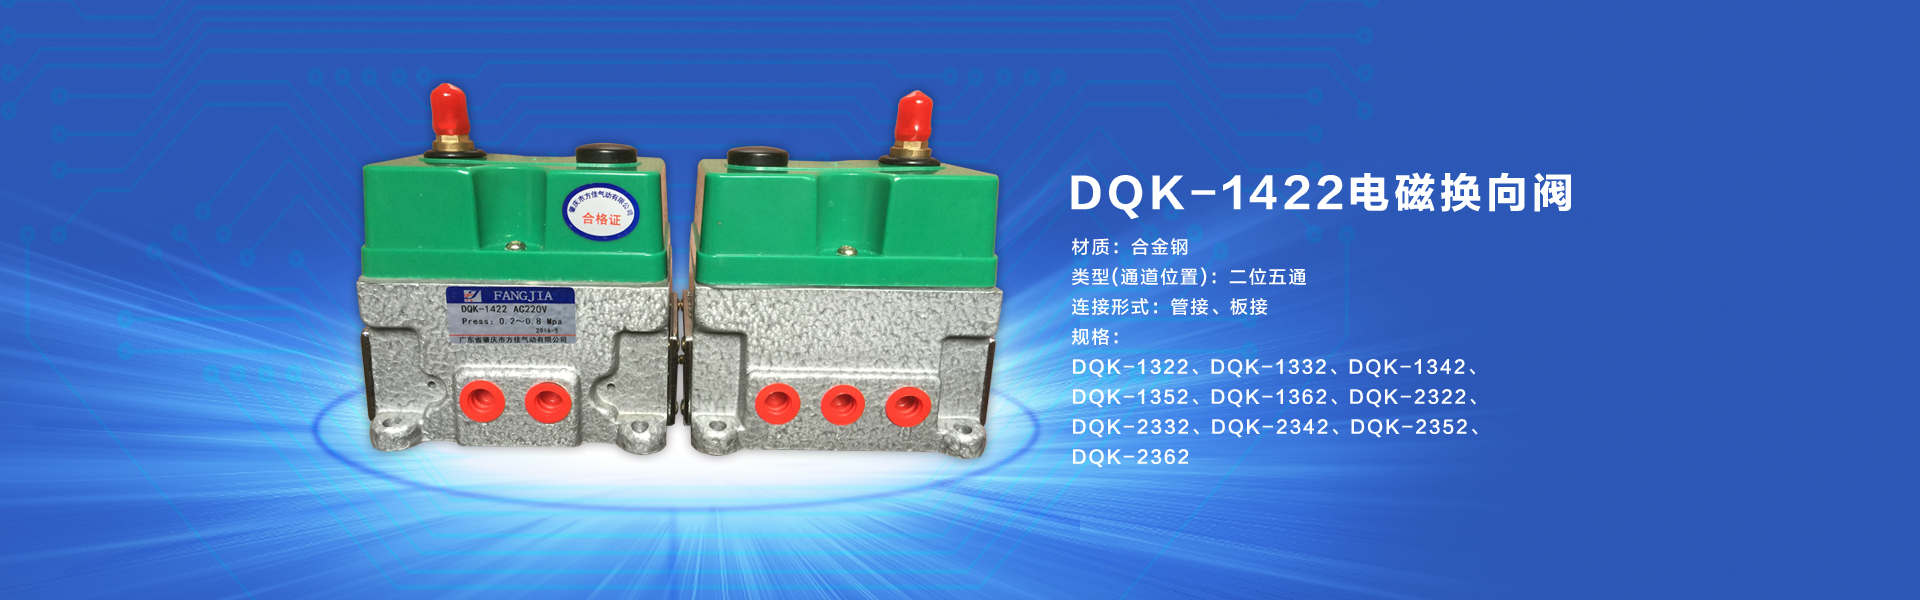 广东肇庆气动元件厂-DQK电磁阀